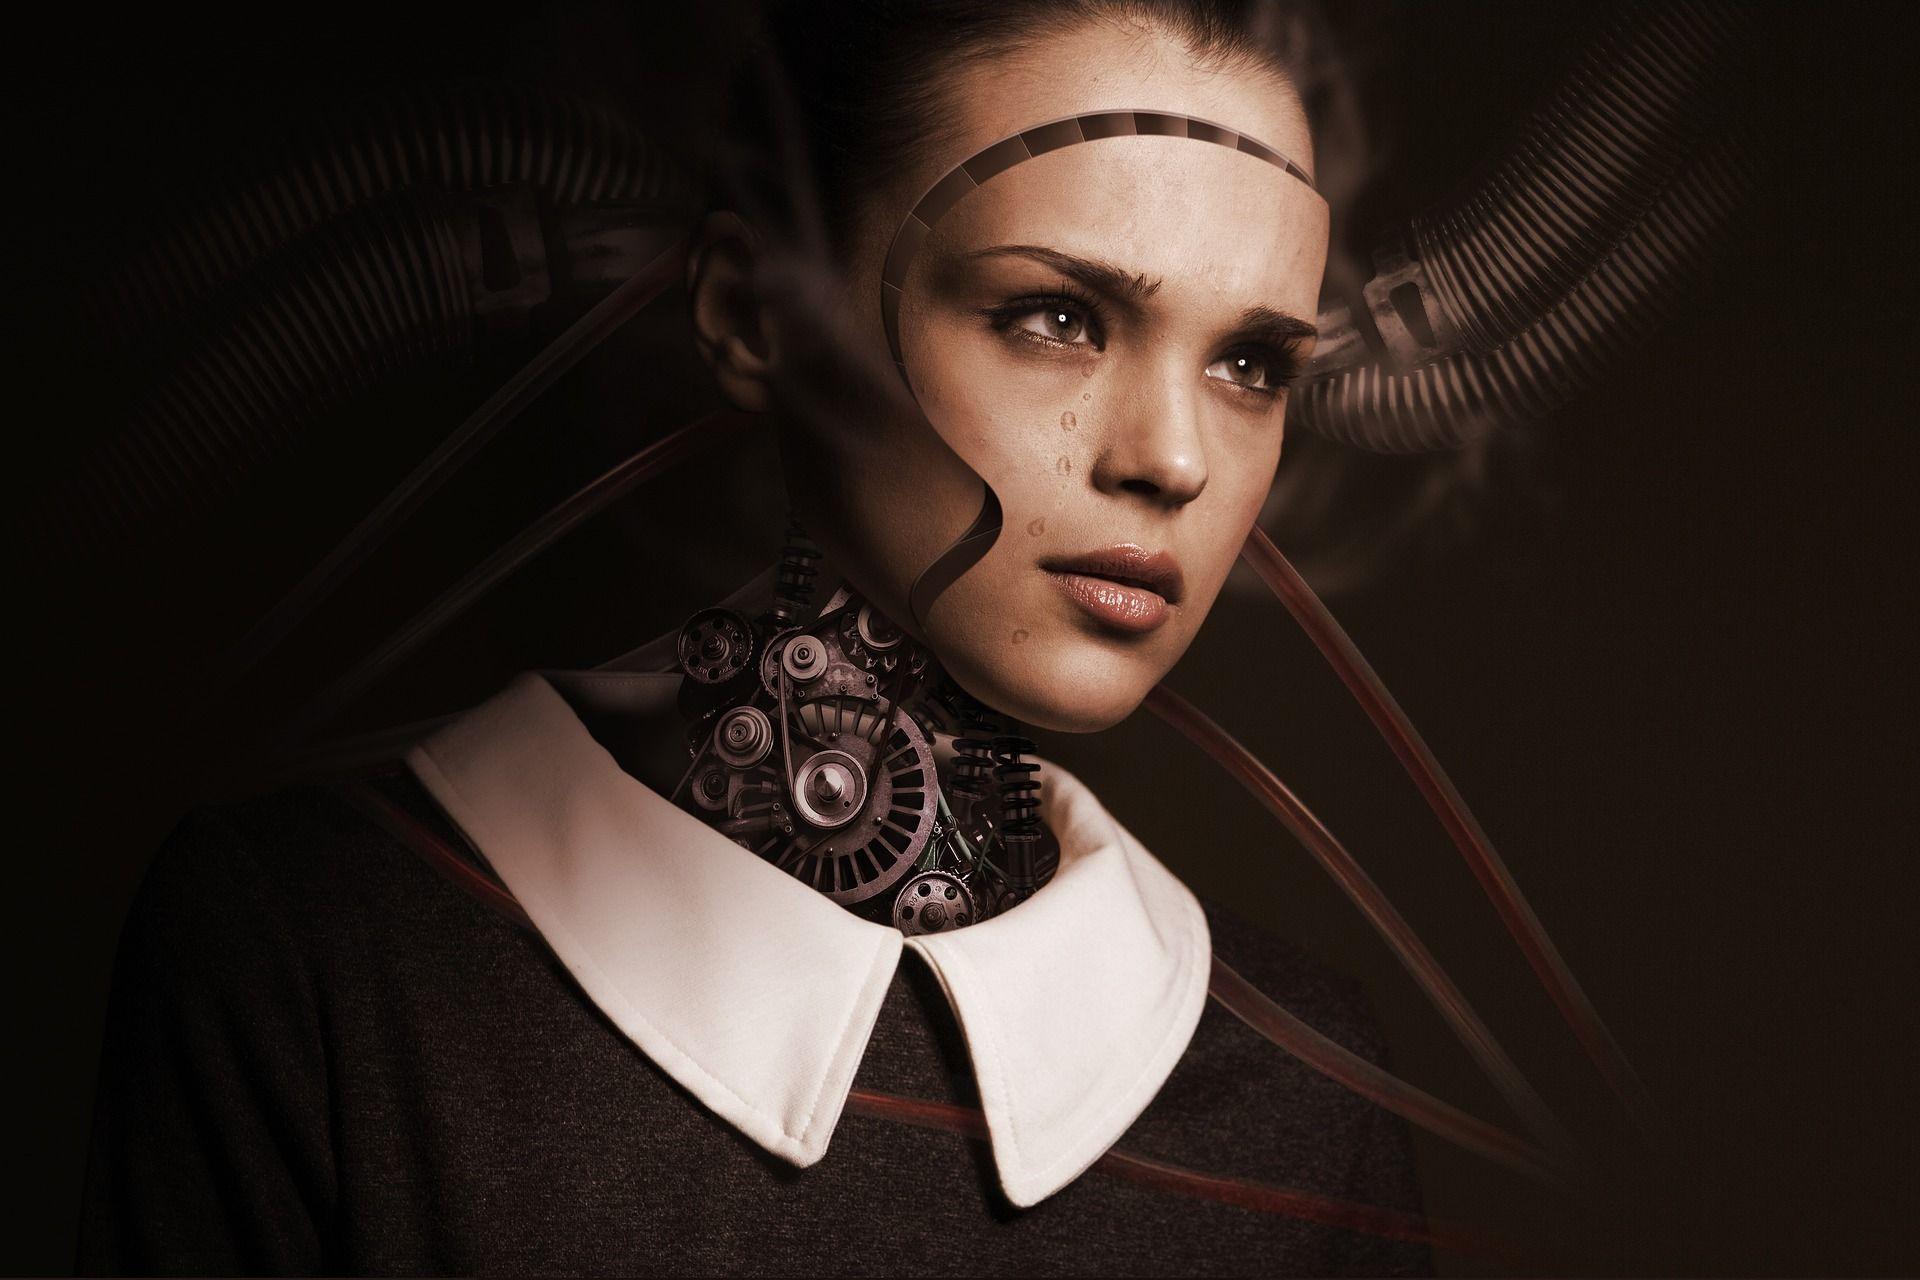 robot-3010309_1920.jpg